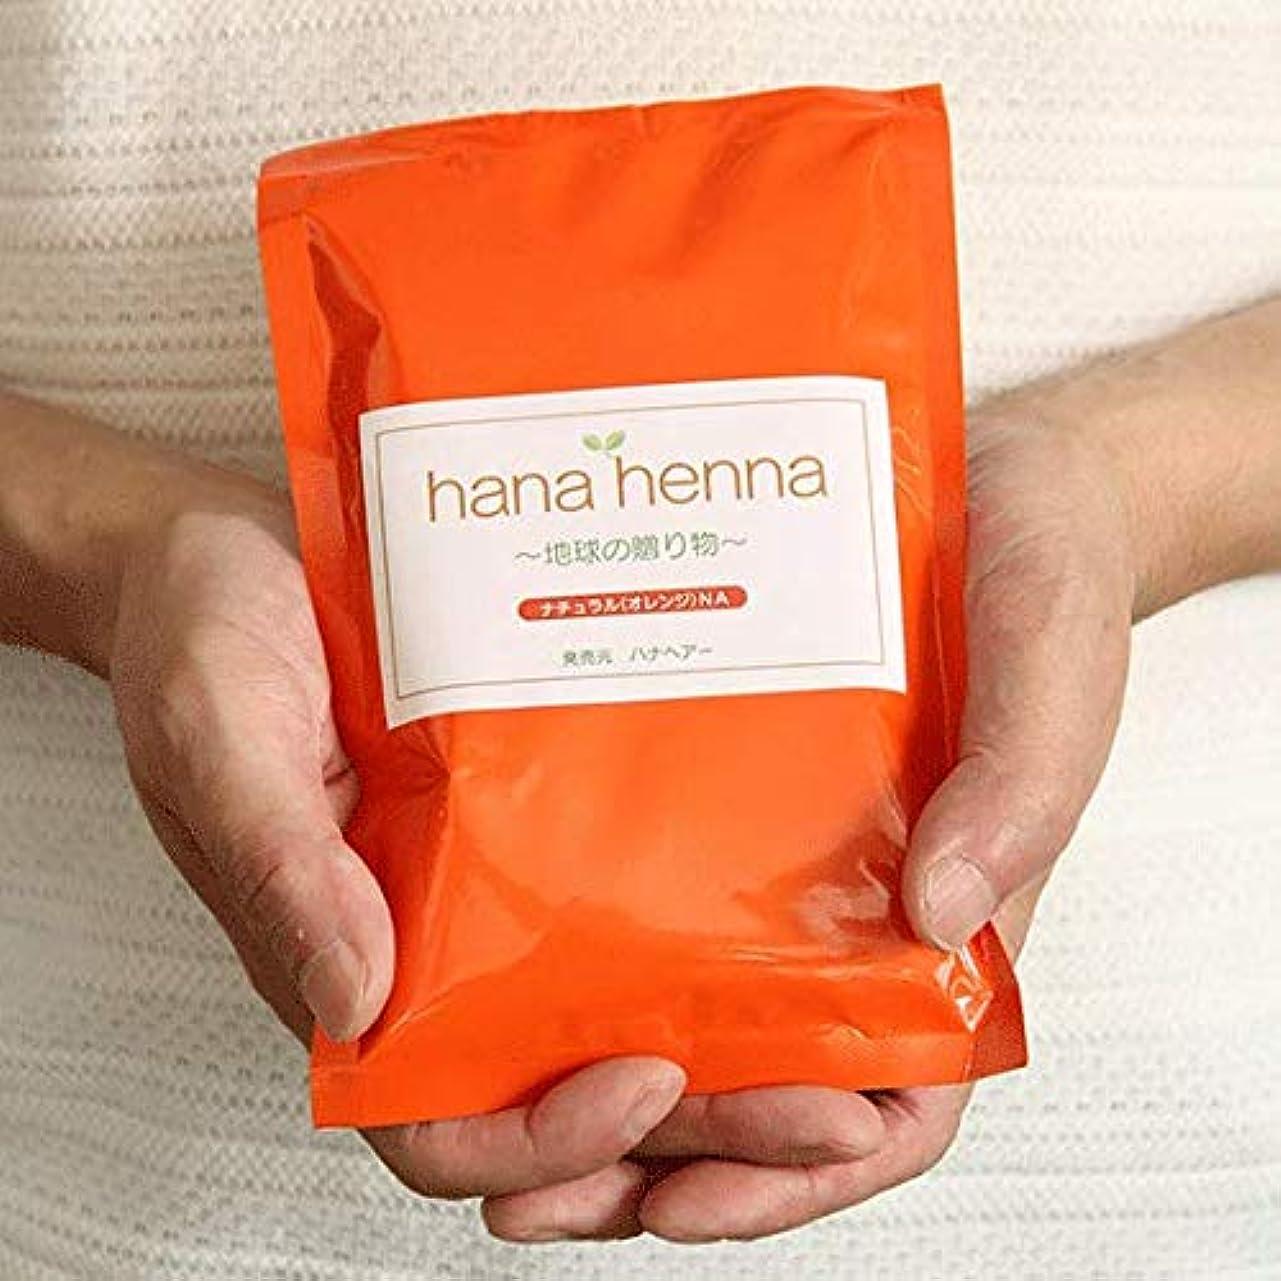 想像する名前余計な?hana henna?ハナヘナ ナチュラル(オレンジ) 500g